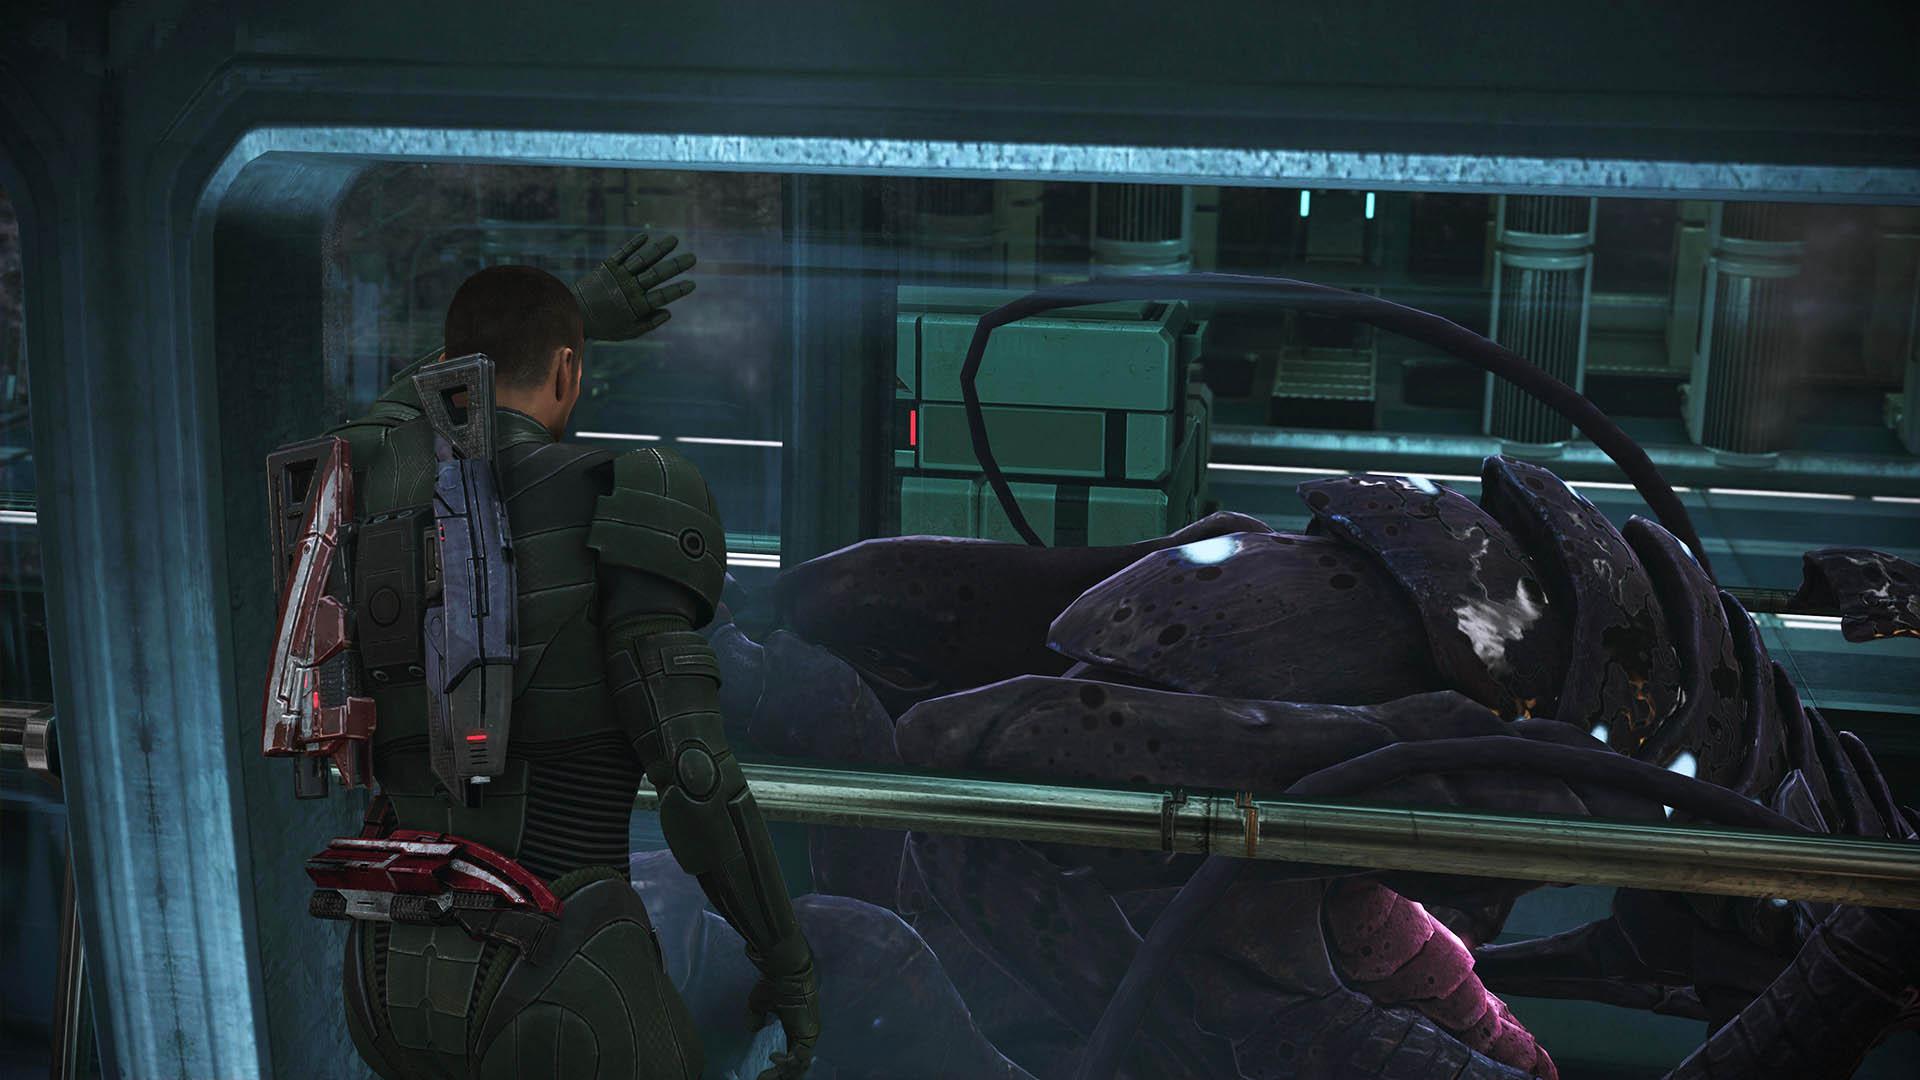 Rachni Queen in Mass Effect